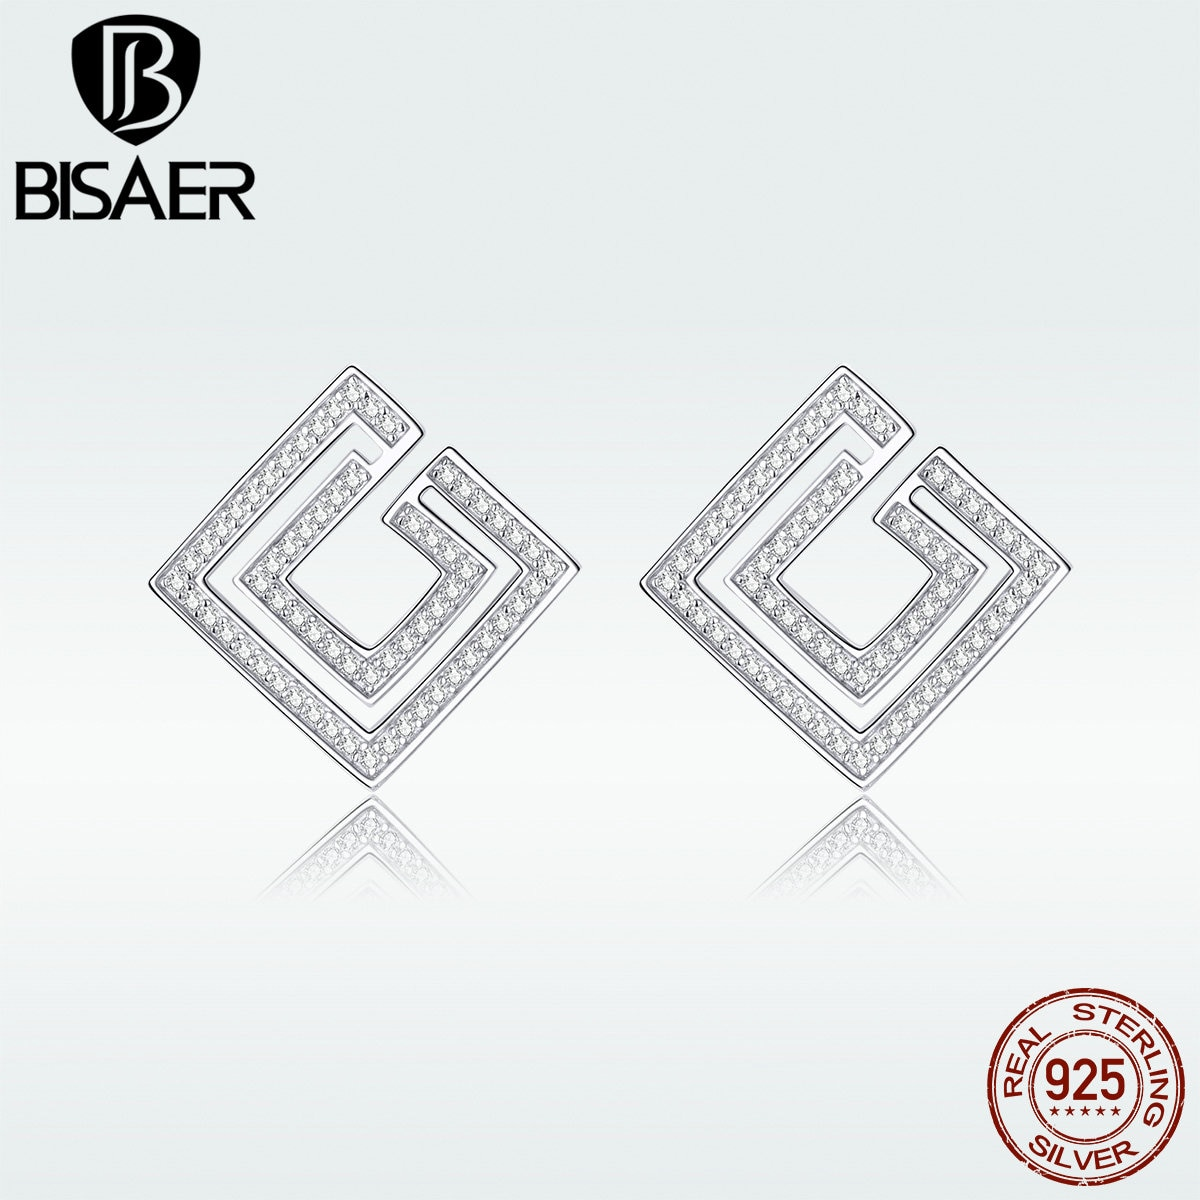 Pendientes de tuerca BISAER, joyería geométrica exquisita para Wowen Plata de Ley 925 auténtica, regalo brillante para fiesta, moda fresca HVE128